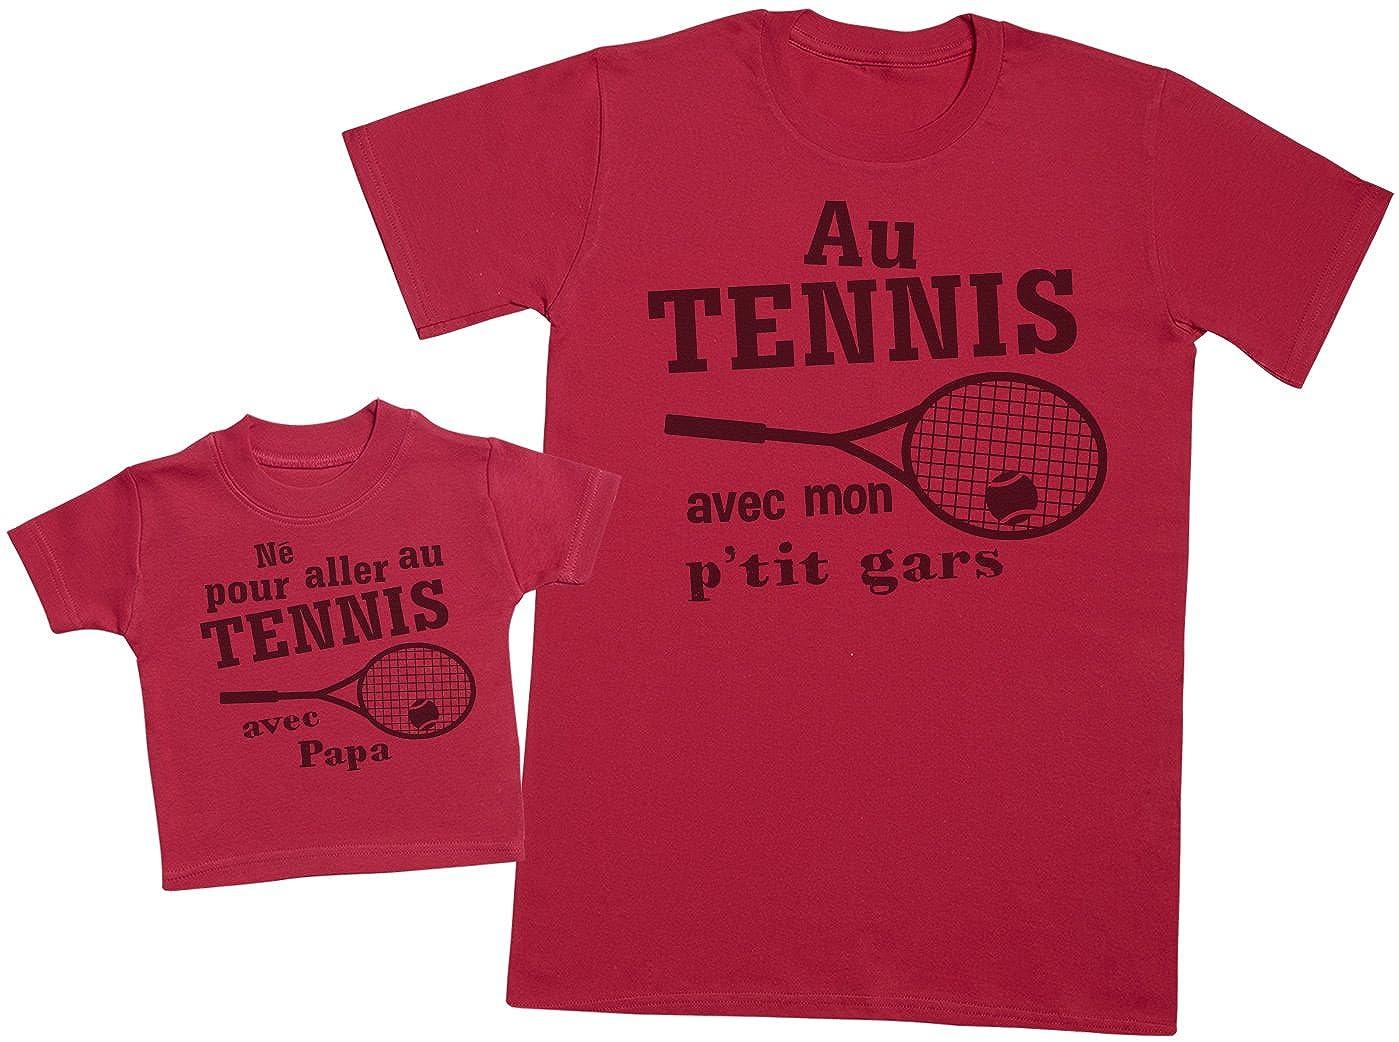 Né pour aller au tennis avec papa - Ensemble Père Bébé Cadeau - Hommes T-shirt & T-Shirt bébé